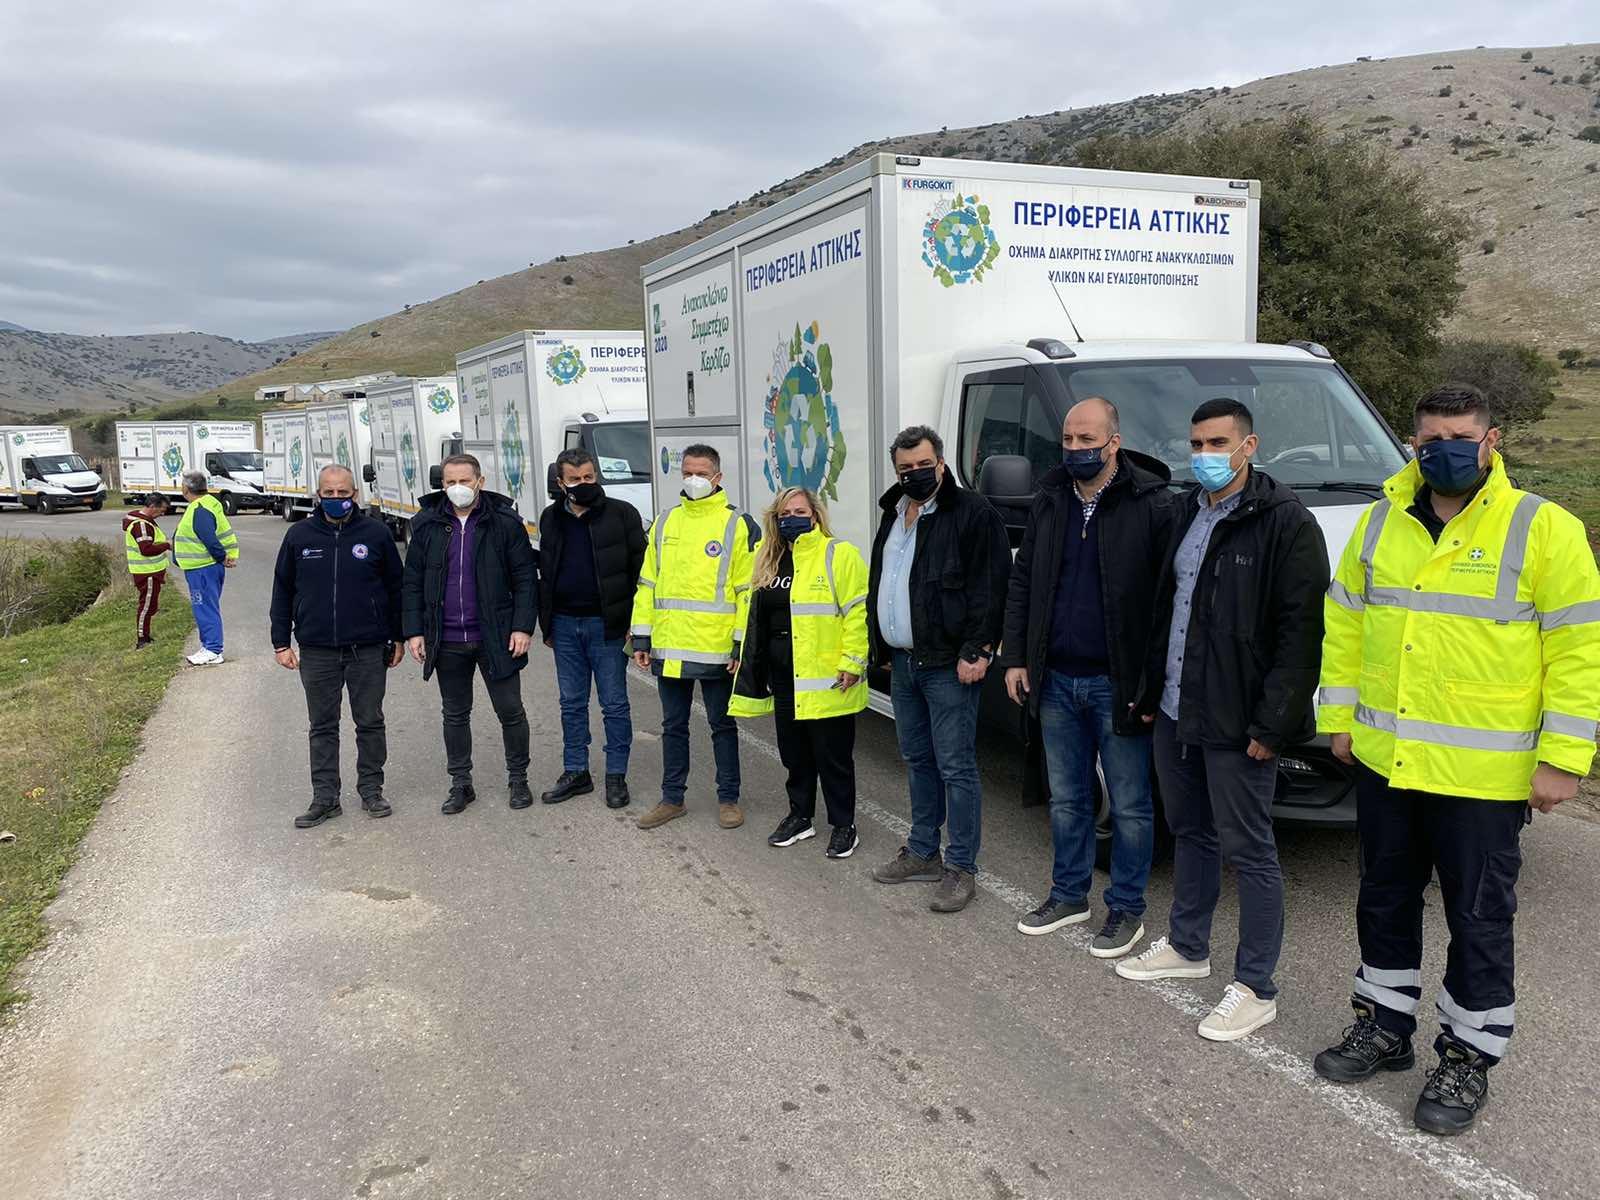 Ο Γιώργος Πατούλης παρέδωσε στον Κώστα Αγοραστό είδη πρώτης ανάγκης για τους σεισμοπαθείς, με 11 φορτηγά οχήματα